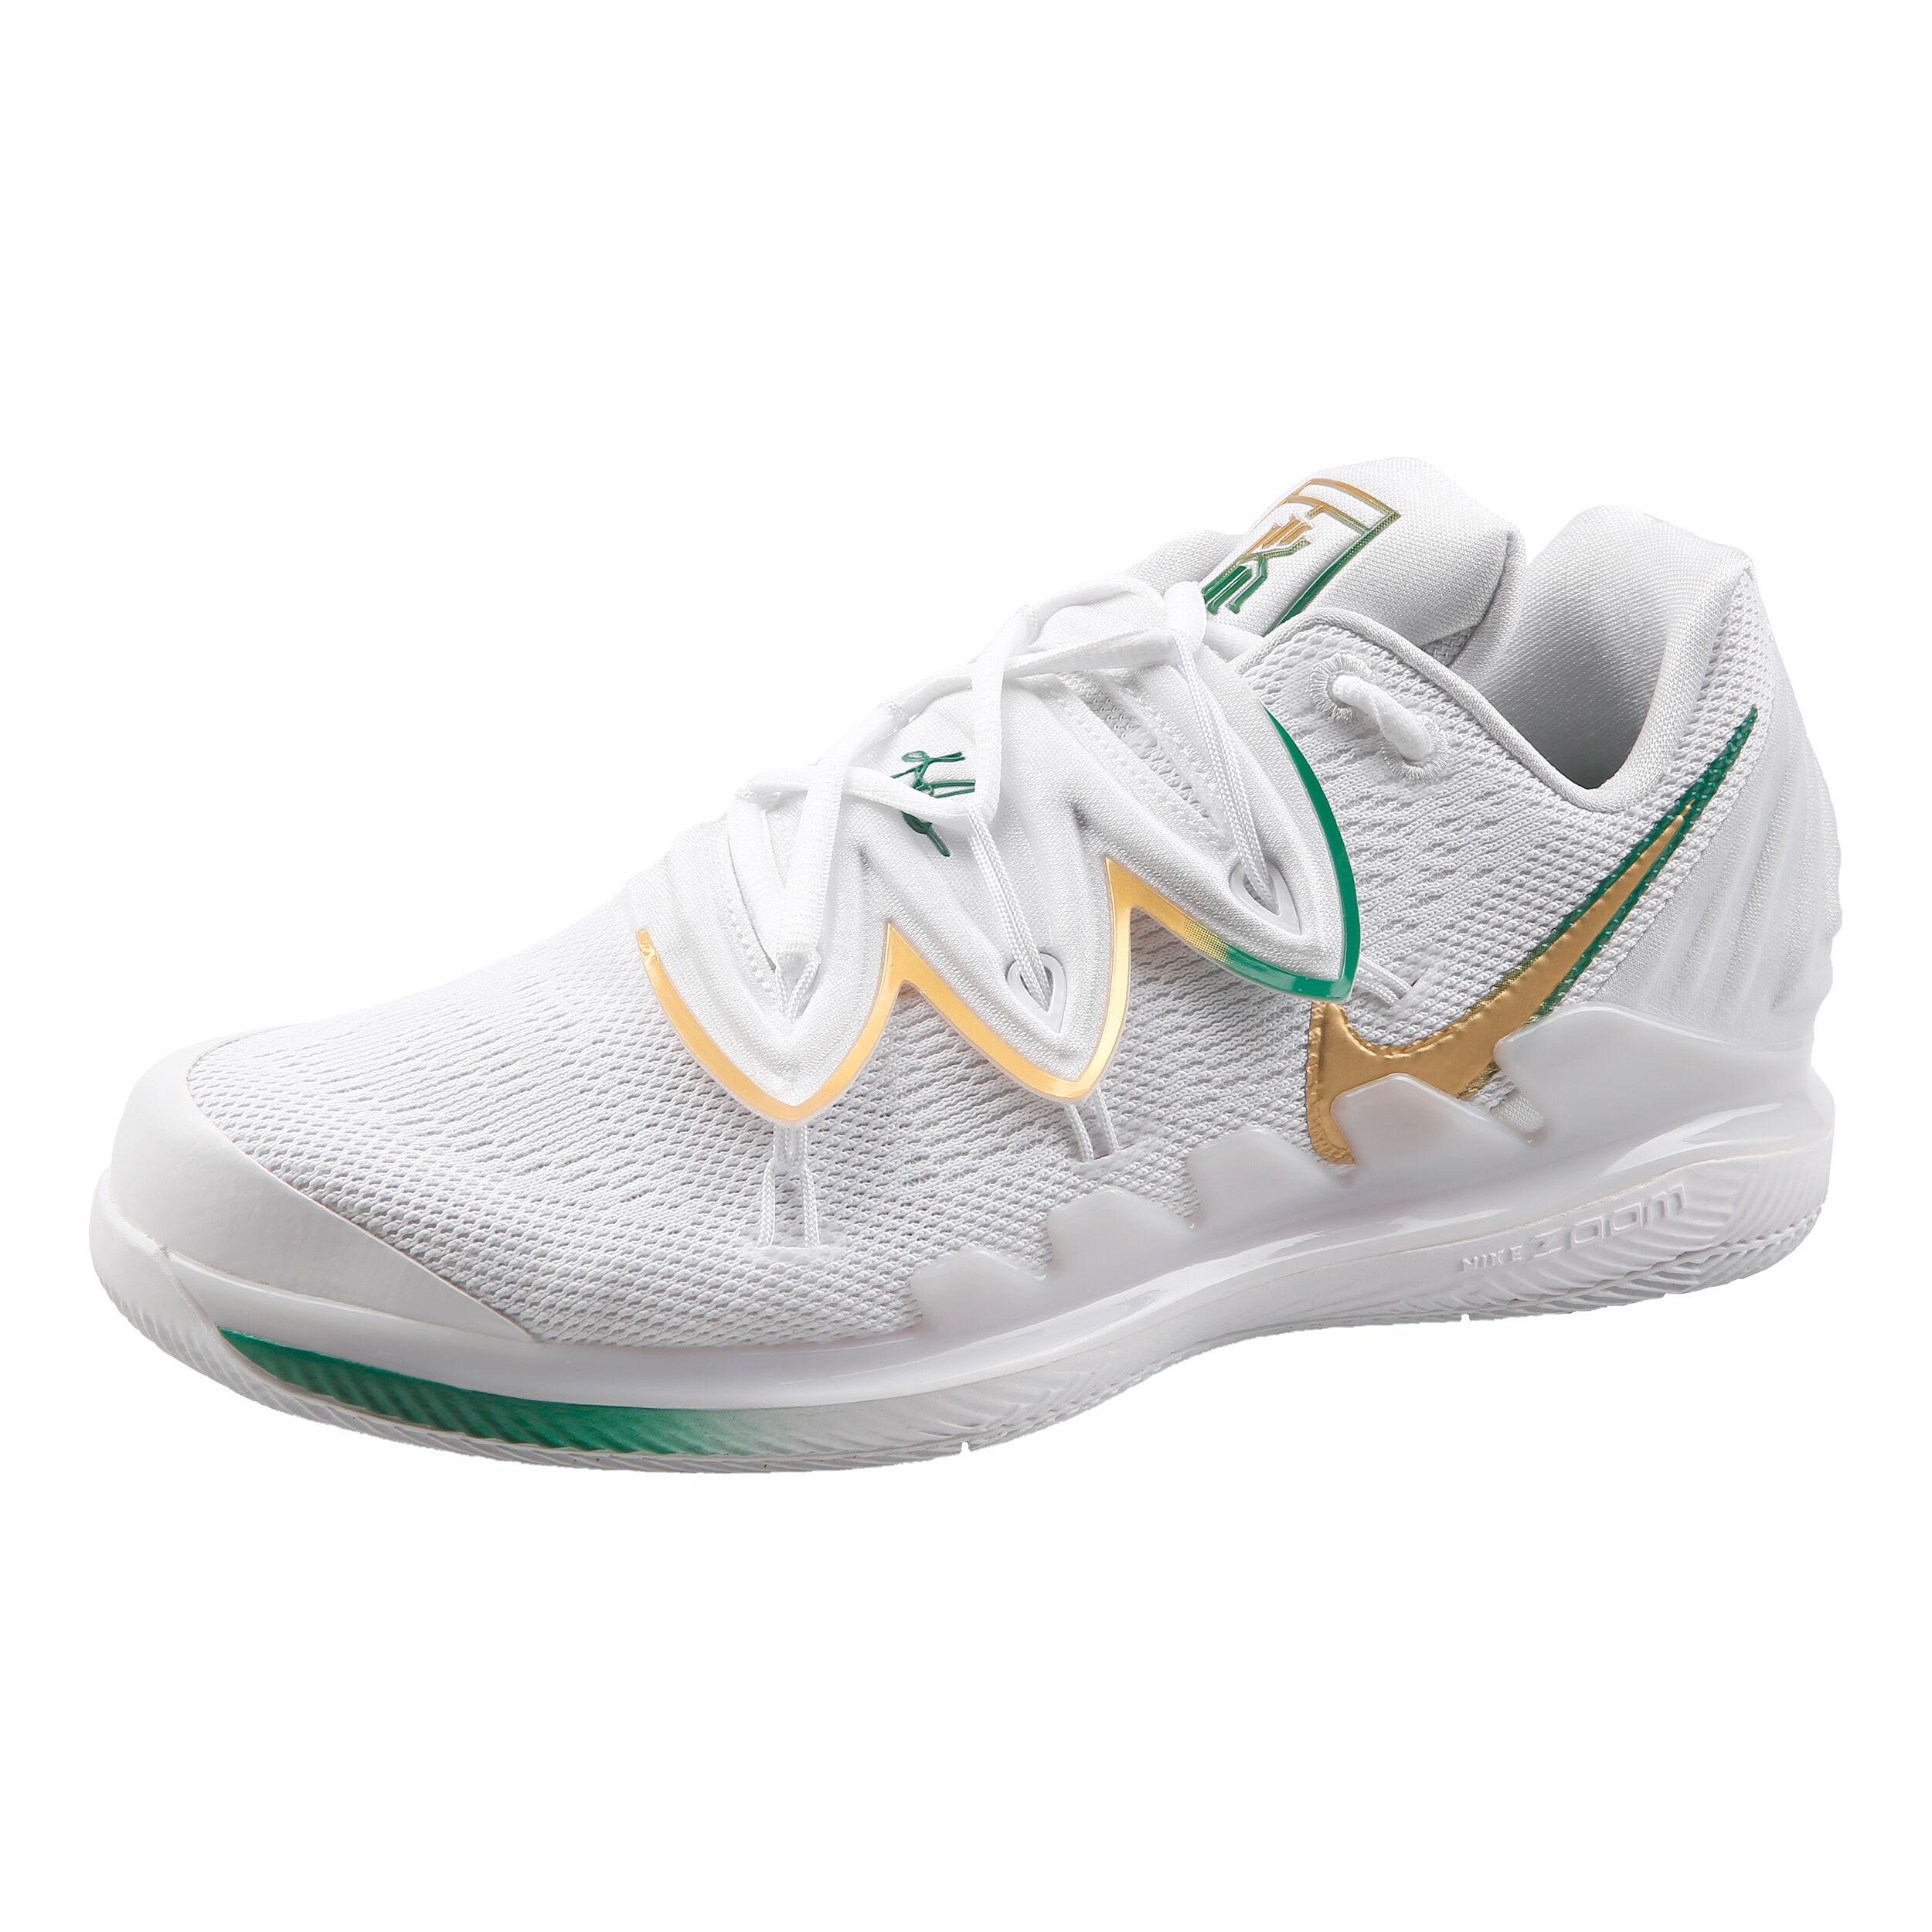 Nike Air Zoom Vapor X Kyrie V Allroundsko Herrar Vit, Guld